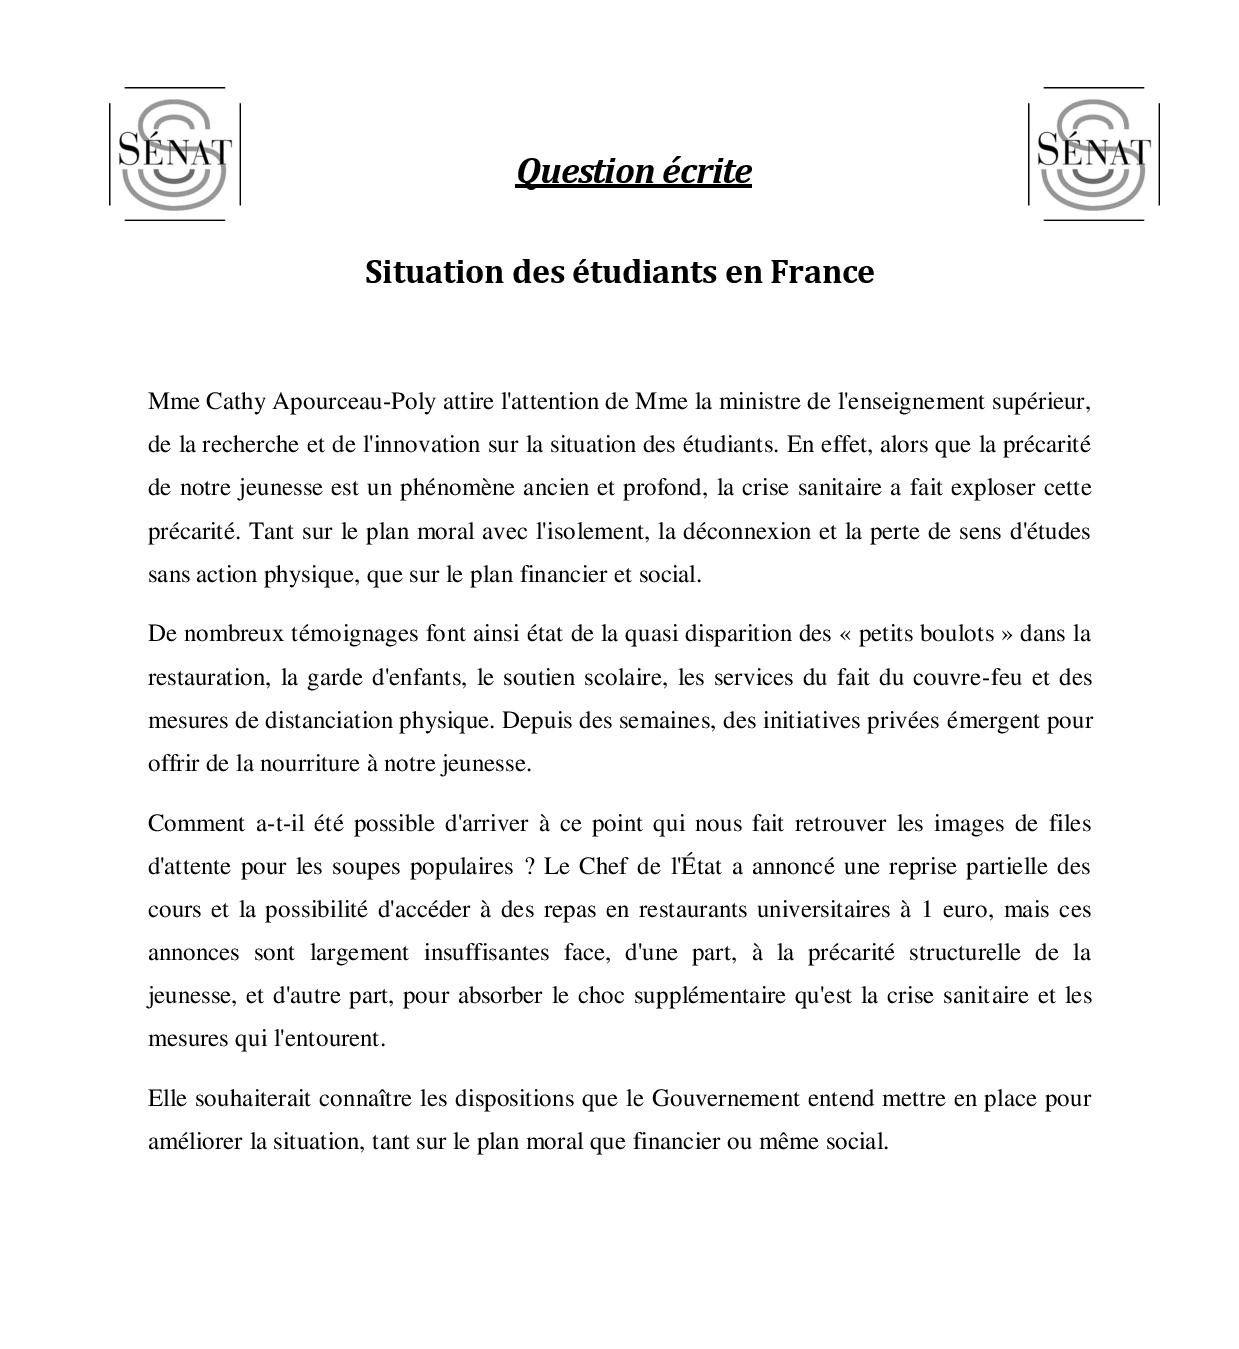 Question écrite de Cathy Apourceau-Poly sur la situation des étudiants en France